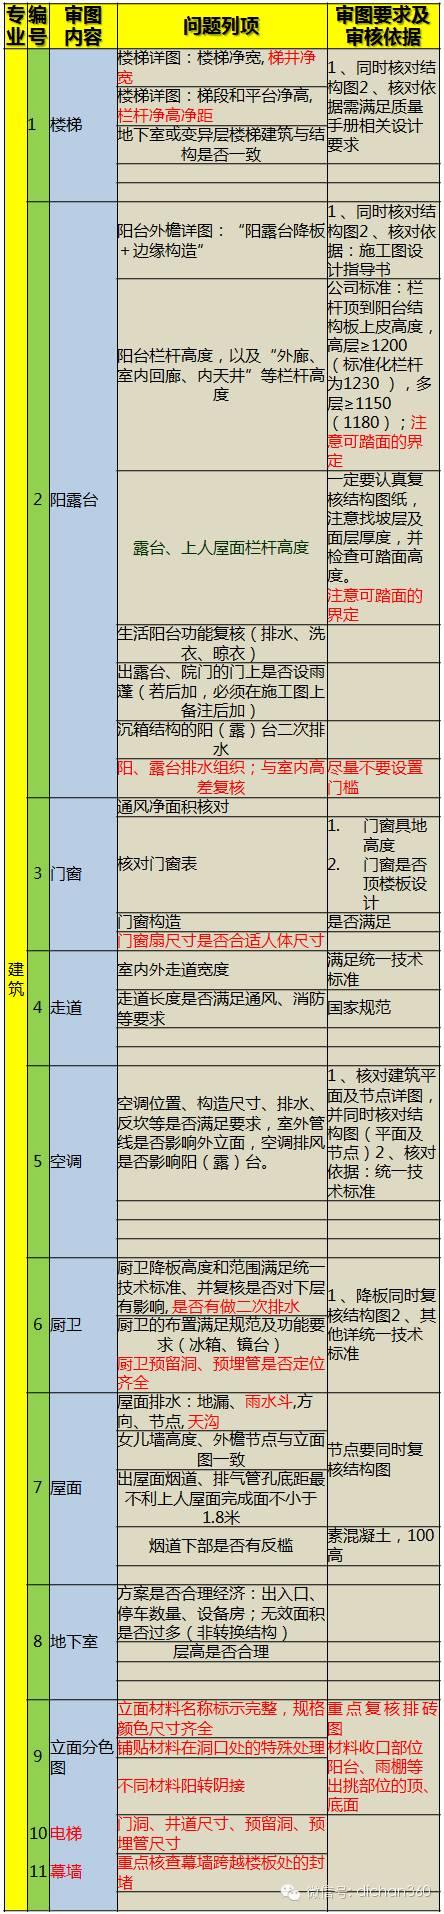 199个审核项!万科规划设计全过程重点问题审核表,真全!_4